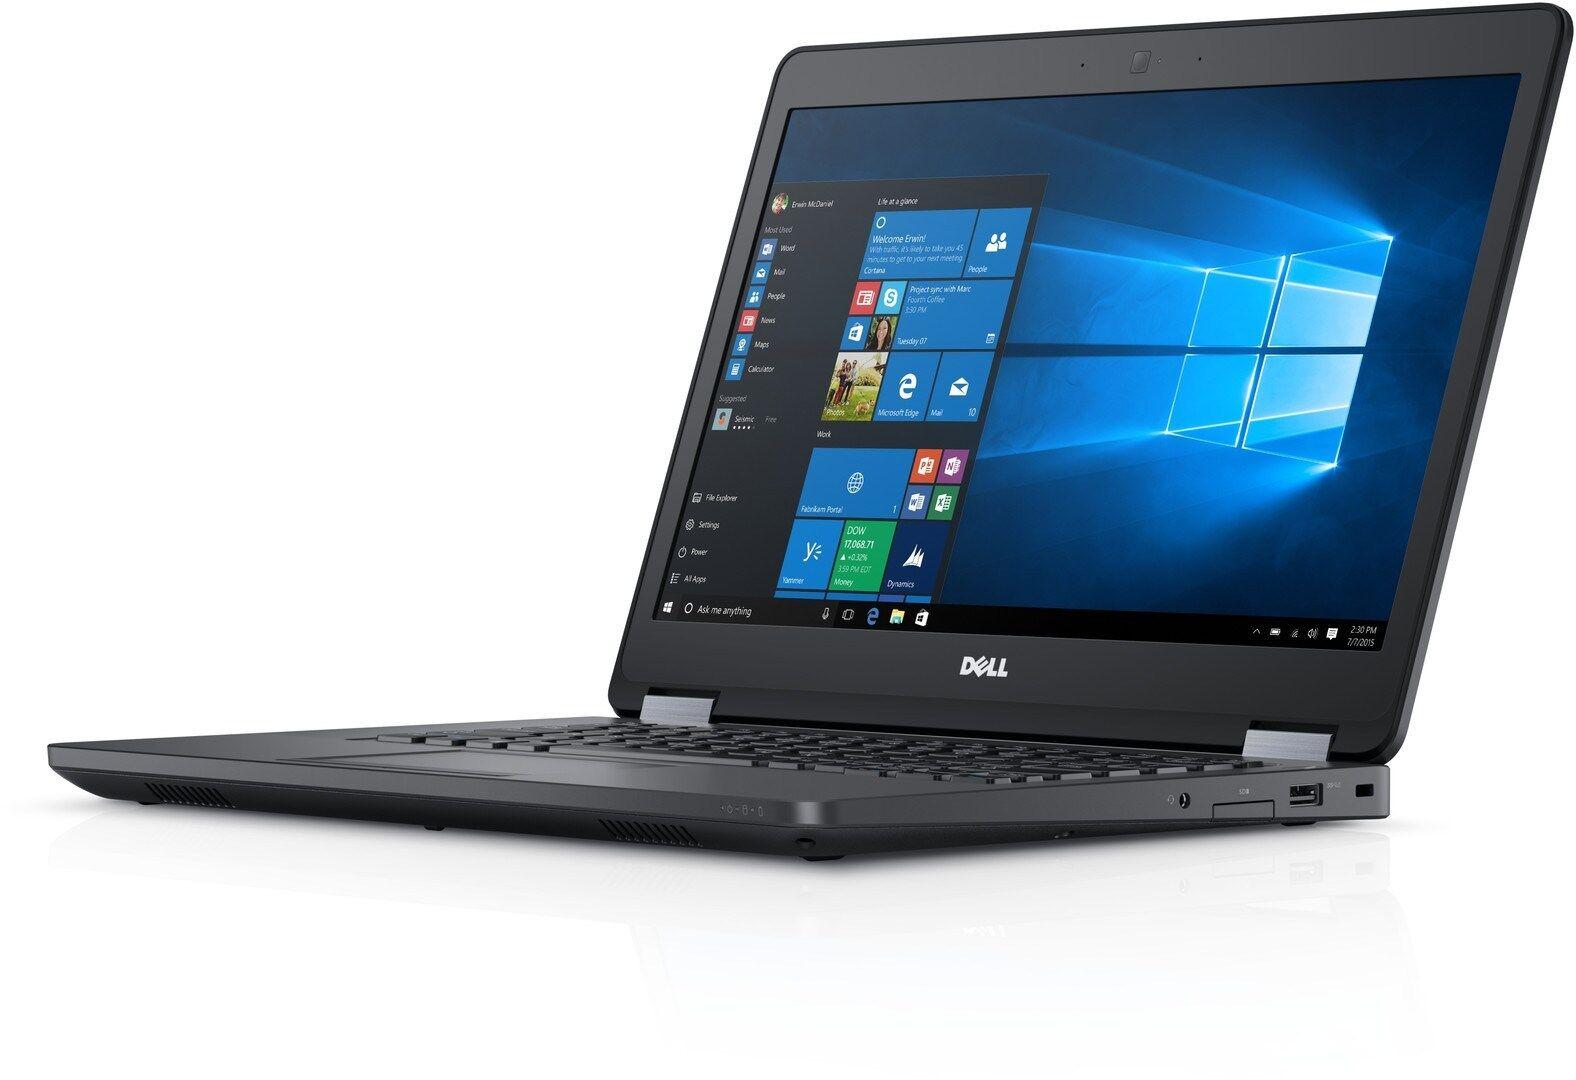 Dell Latitude E5470 Laptop - i5-6300u 6th GEN CPU✔8GB RAM✔128GB SSD✔WIN 10 PRO